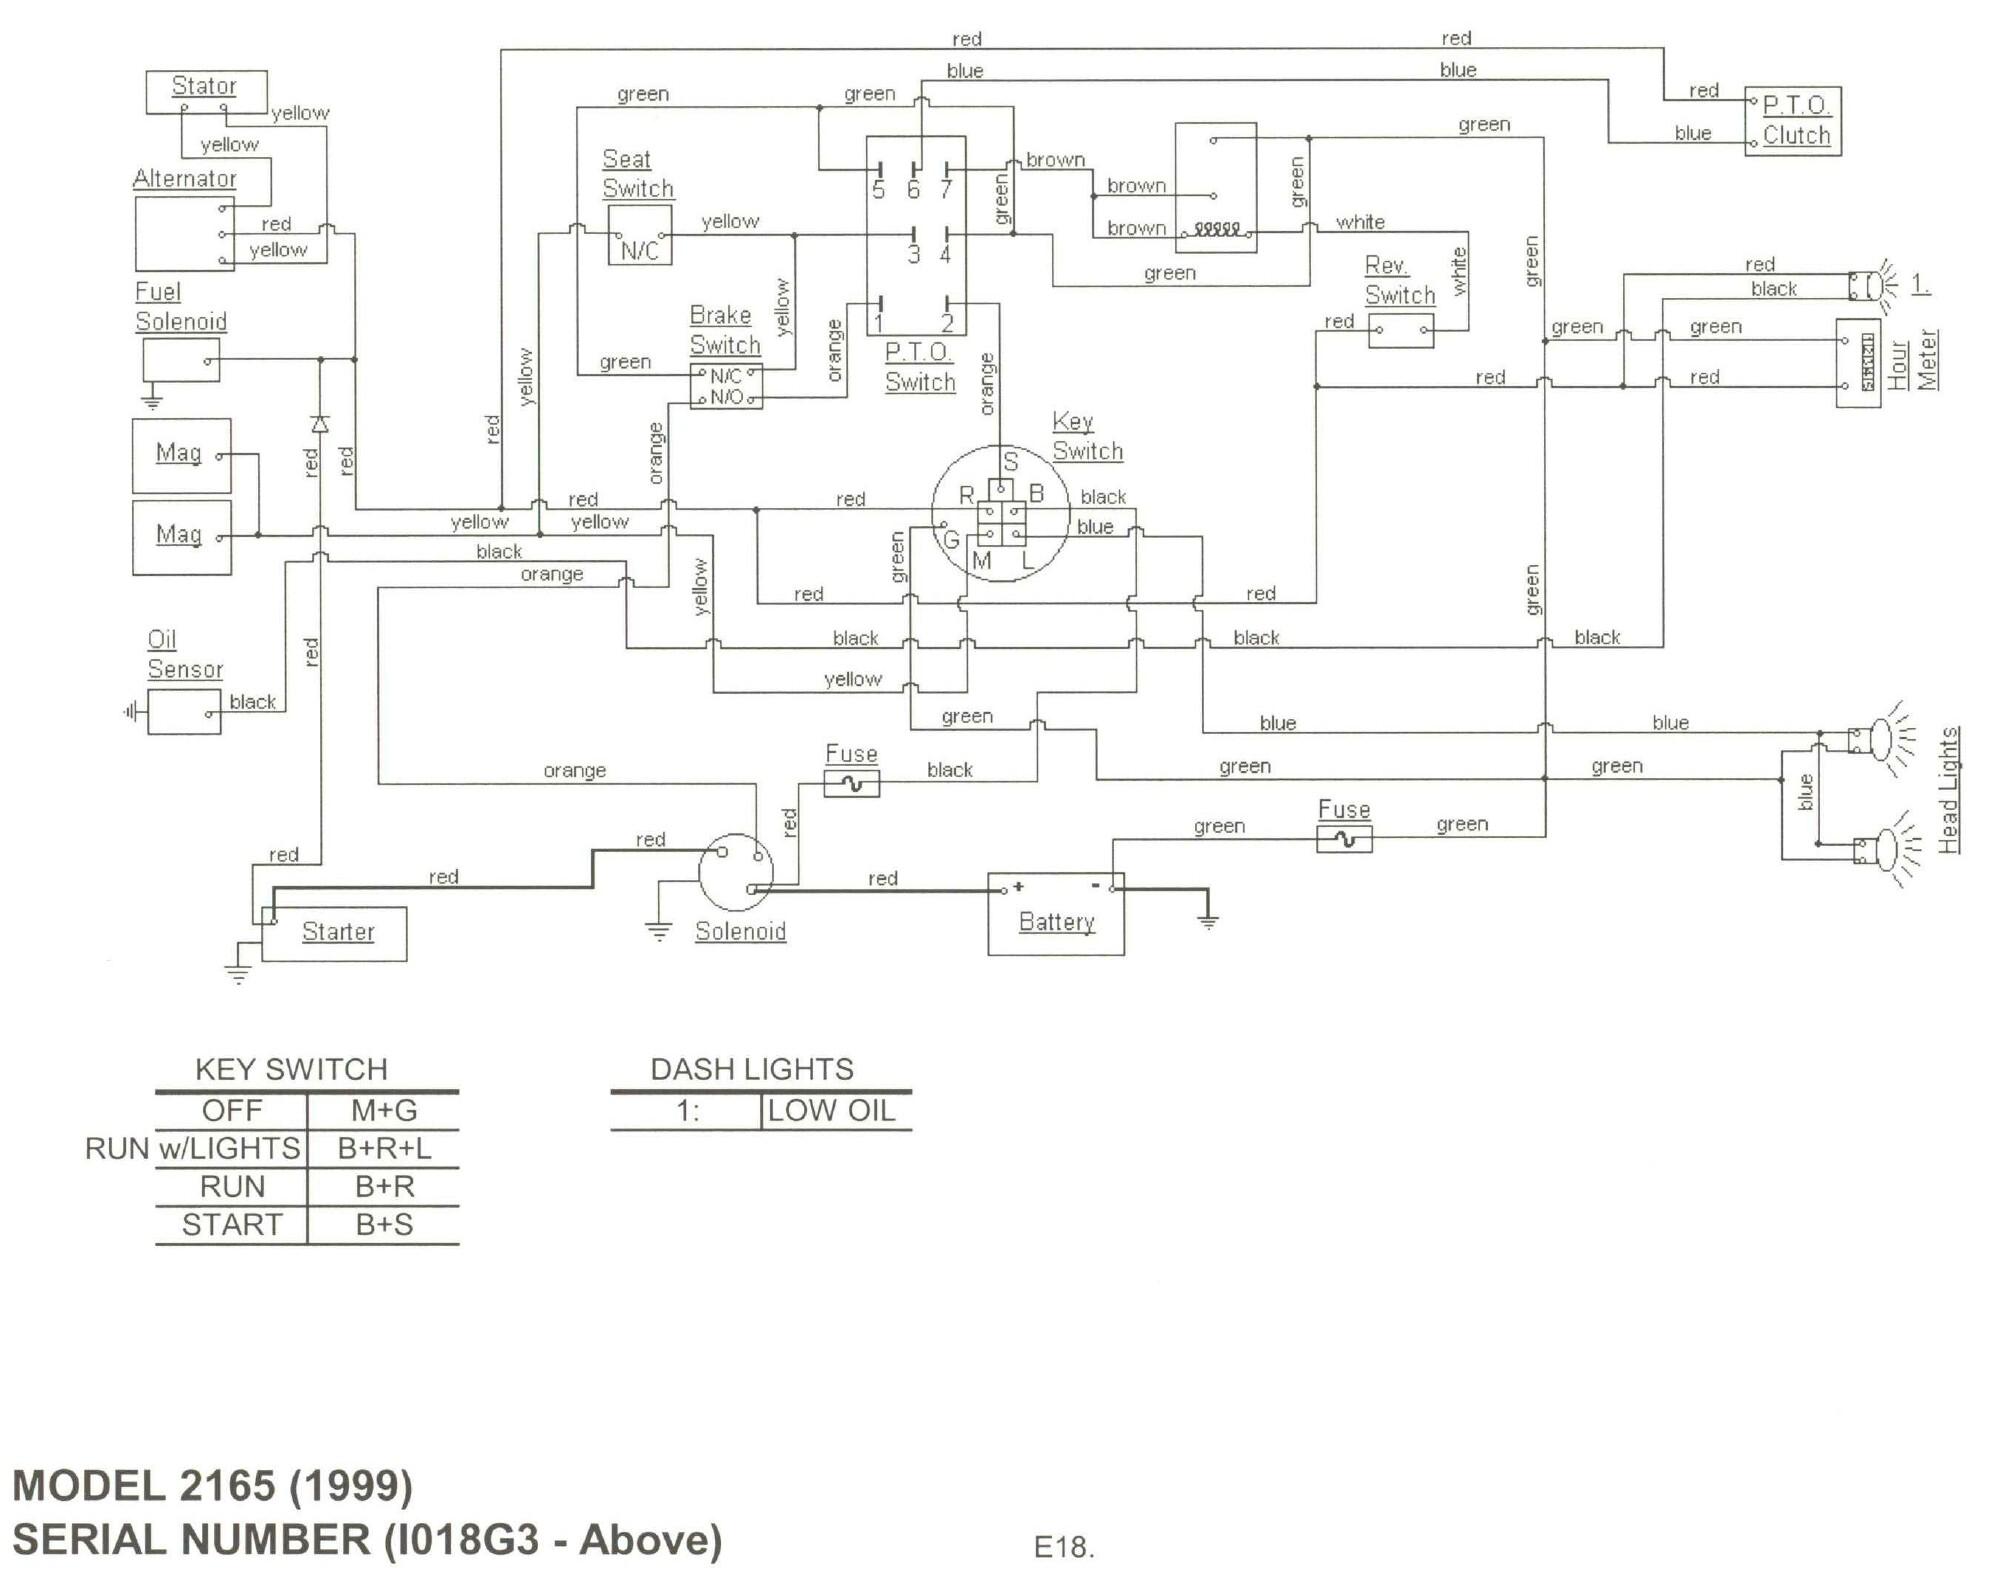 [QNCB_7524]  044A Cub Cadet Wiring Diagram Index For 2166 | Wiring Library | Cub Cadet Wiring Diagram Index |  | Wiring Library